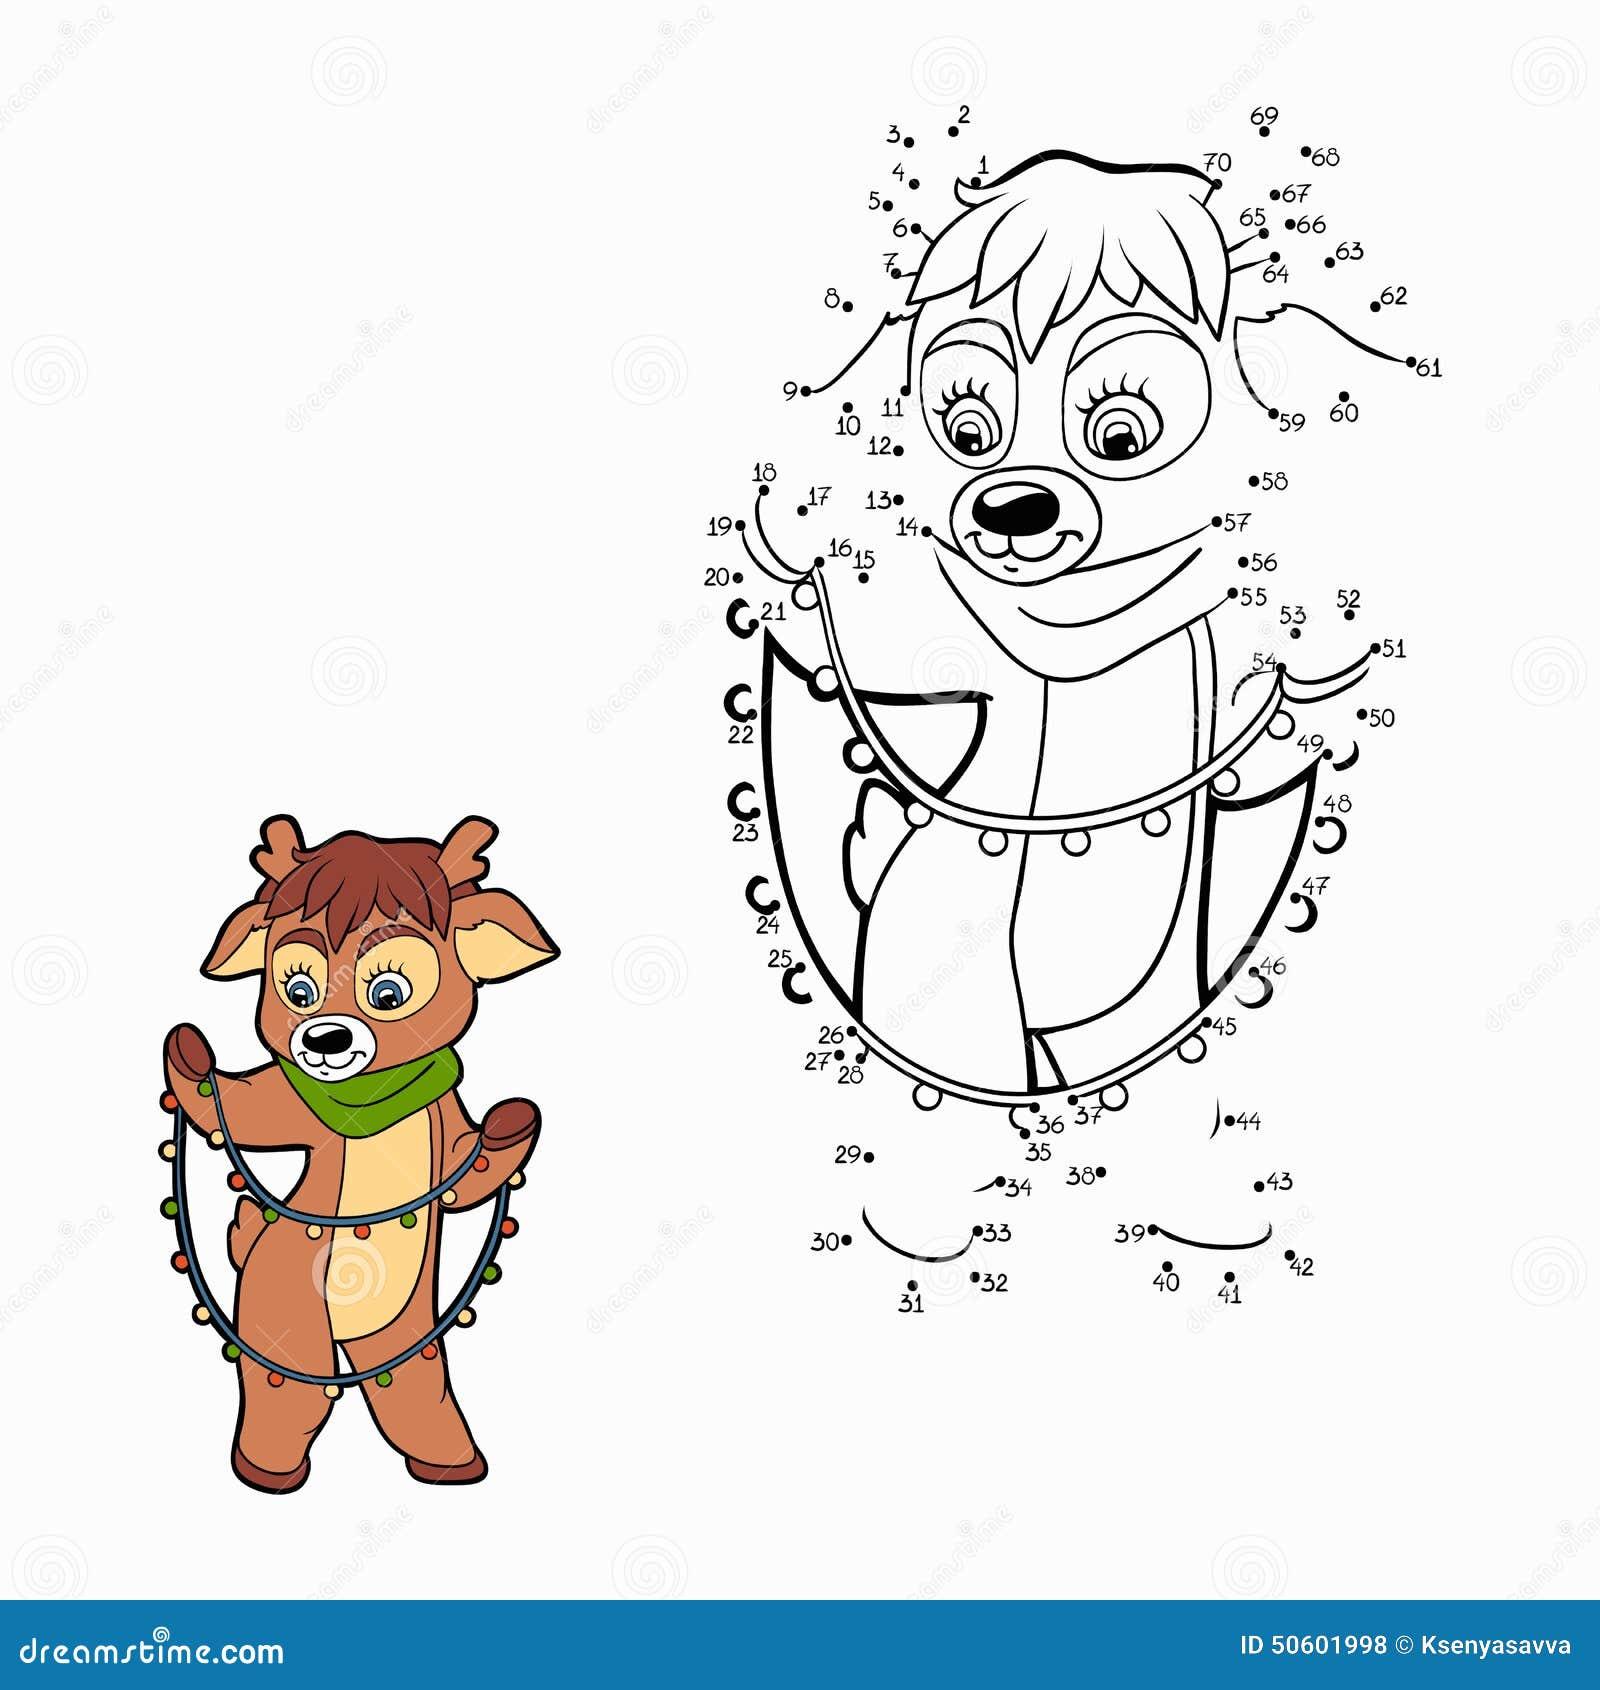 动漫 简笔画 卡通 漫画 手绘 头像 线稿 1300_1390图片